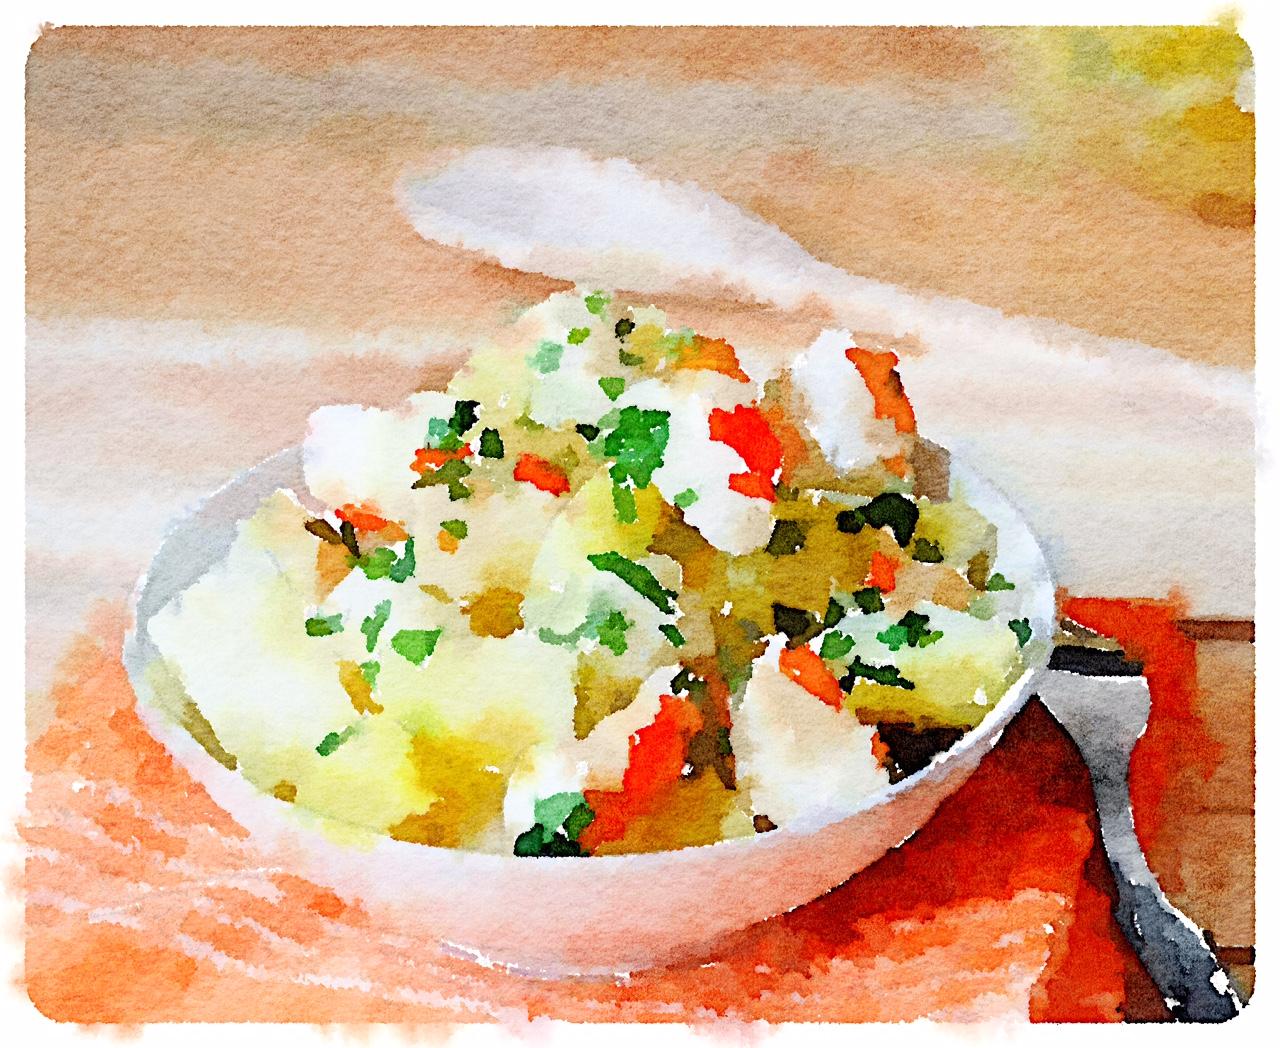 Polpa di granchio in insalata con patate all'erba cipollina